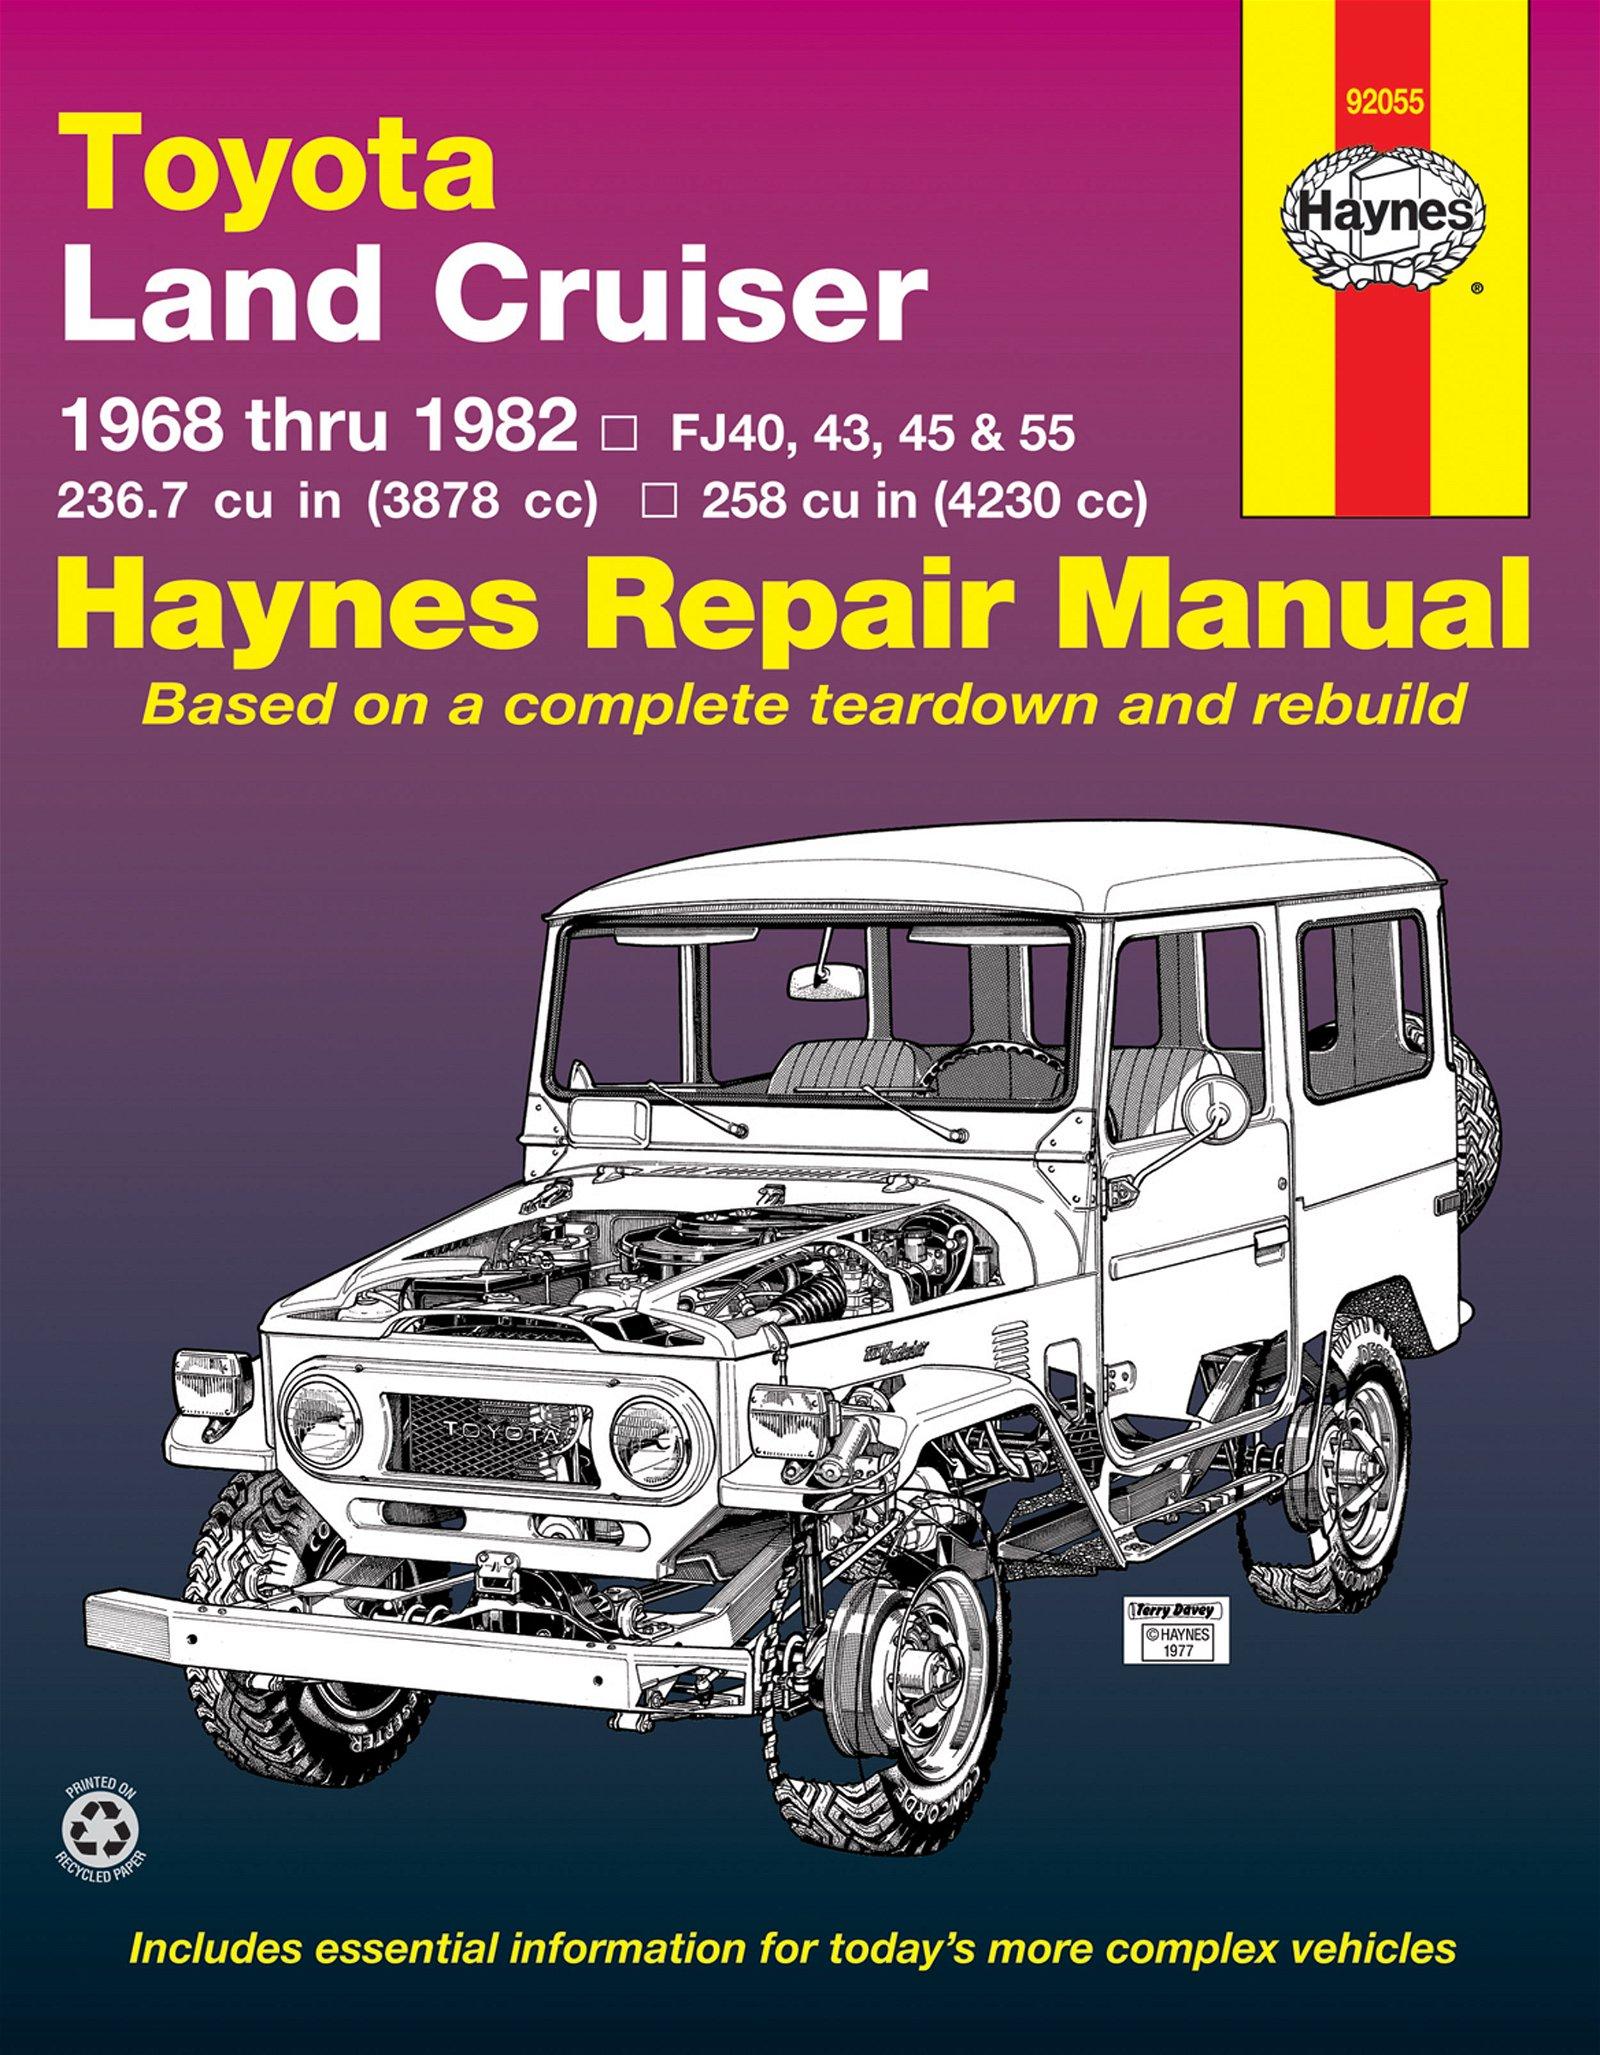 [Manuel US en Anglais] Toyota Land Cruiser FJ40, 43, 45, 55 & 60  '68 -  '82